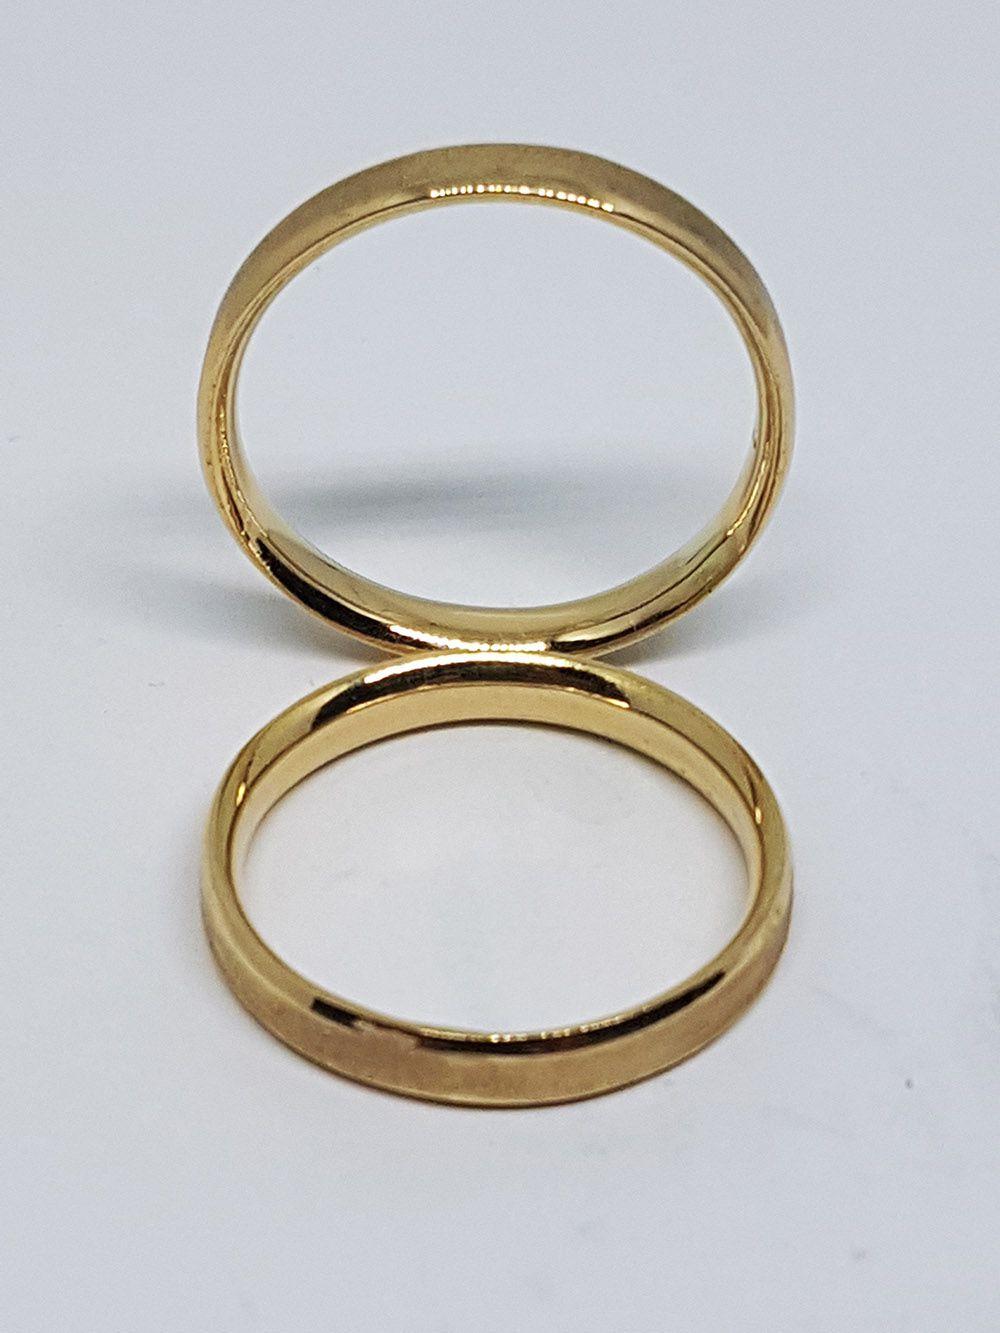 Alianças em Ouro São Luis - 18kl Reta Fosca Chanfrada e Anatômica